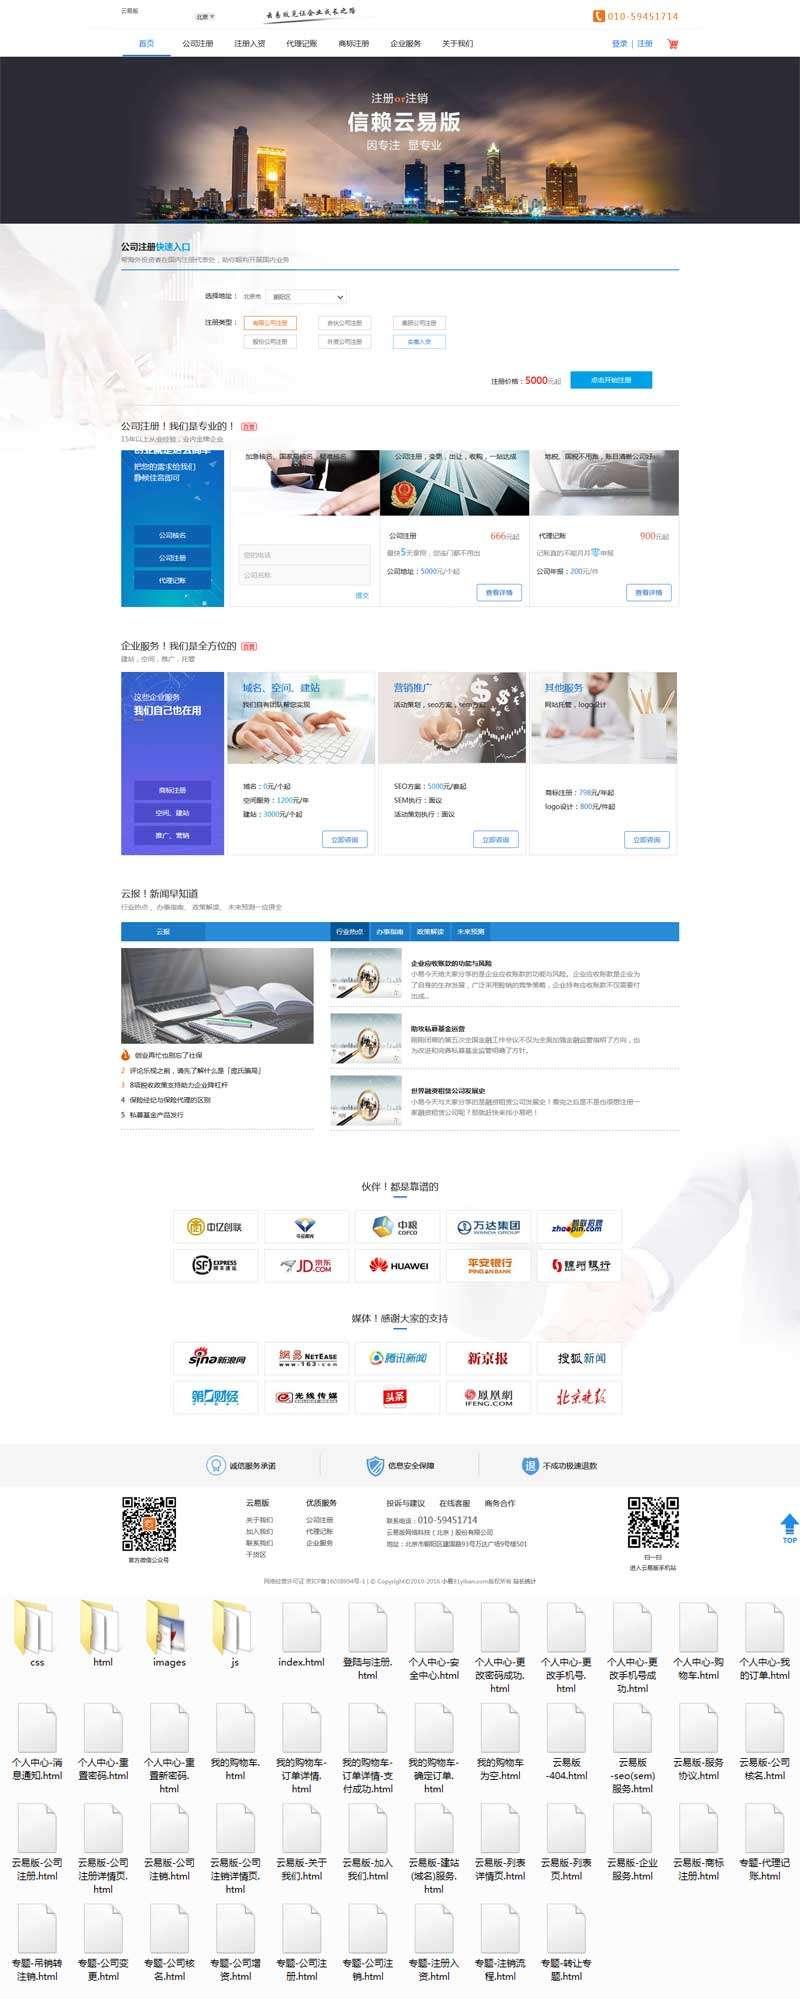 一站式企业服务平台网站模板